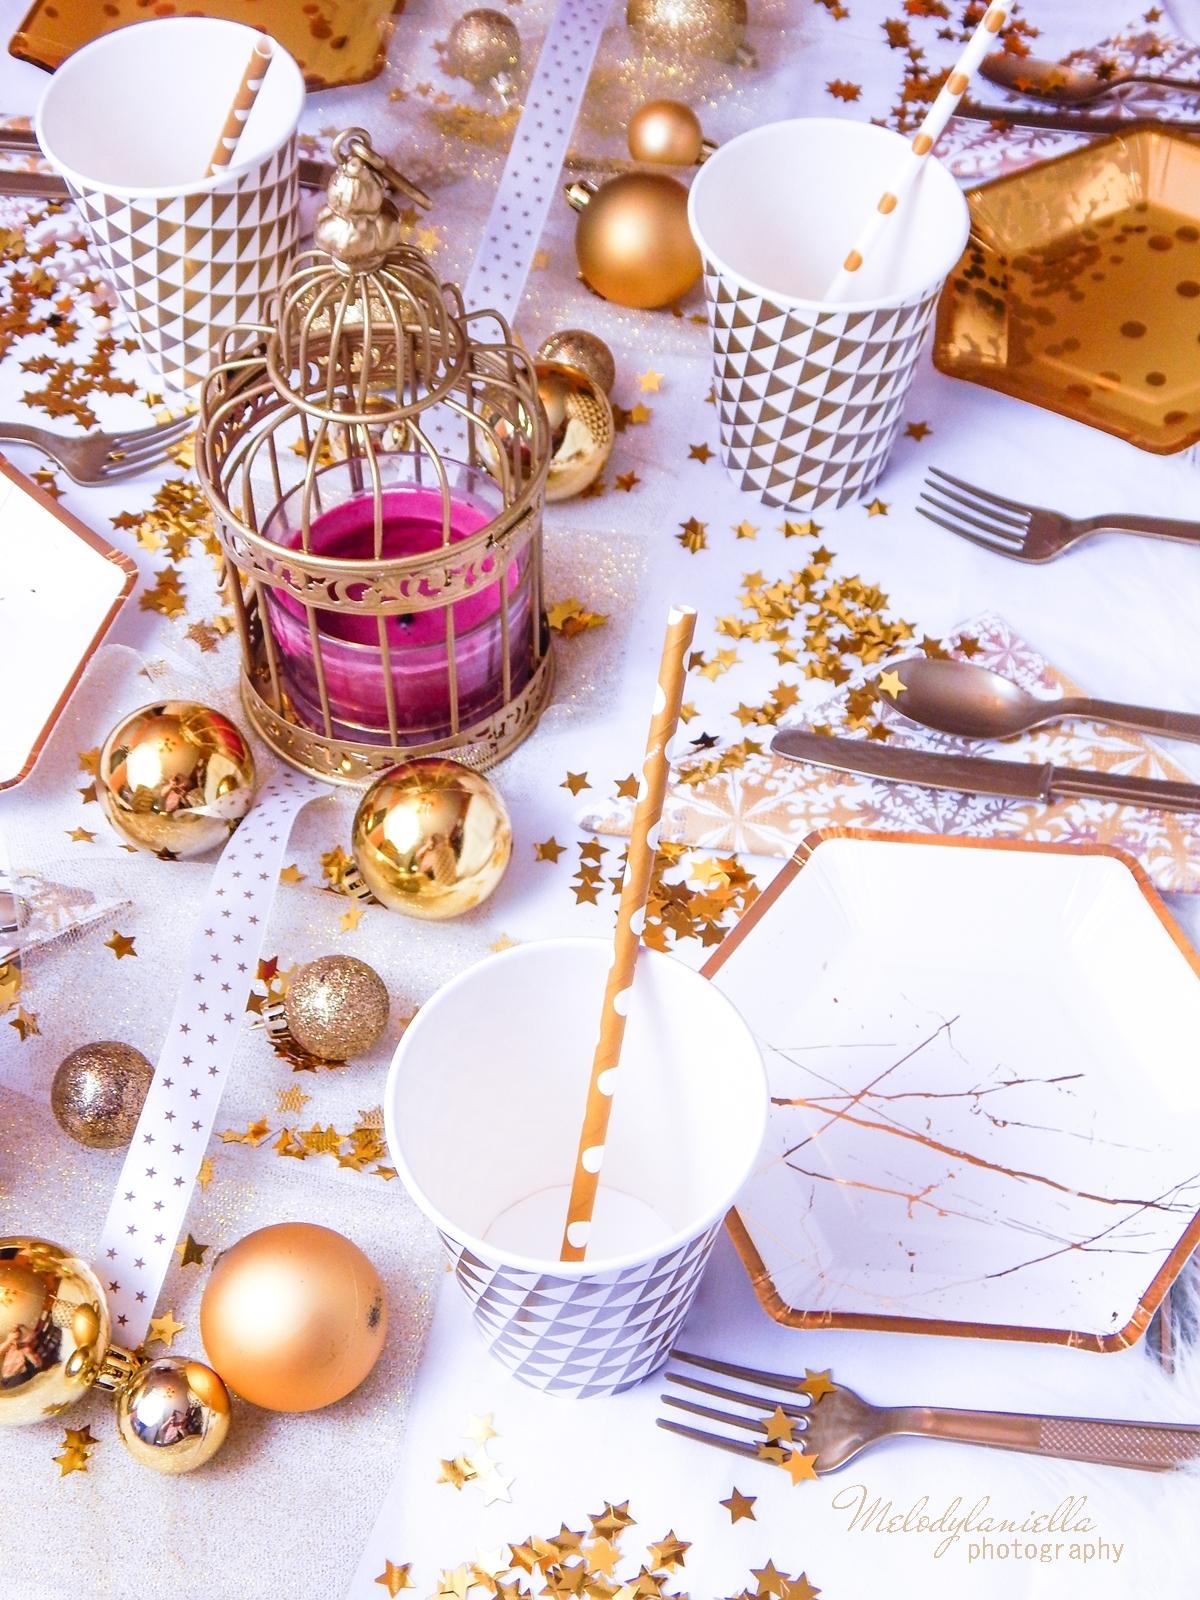 15 imprezowe pomysły na aranżancę stołu mieszkania ciekawe proste dekoracje na imprezy slub wesele studniówka partybox melodylaniella